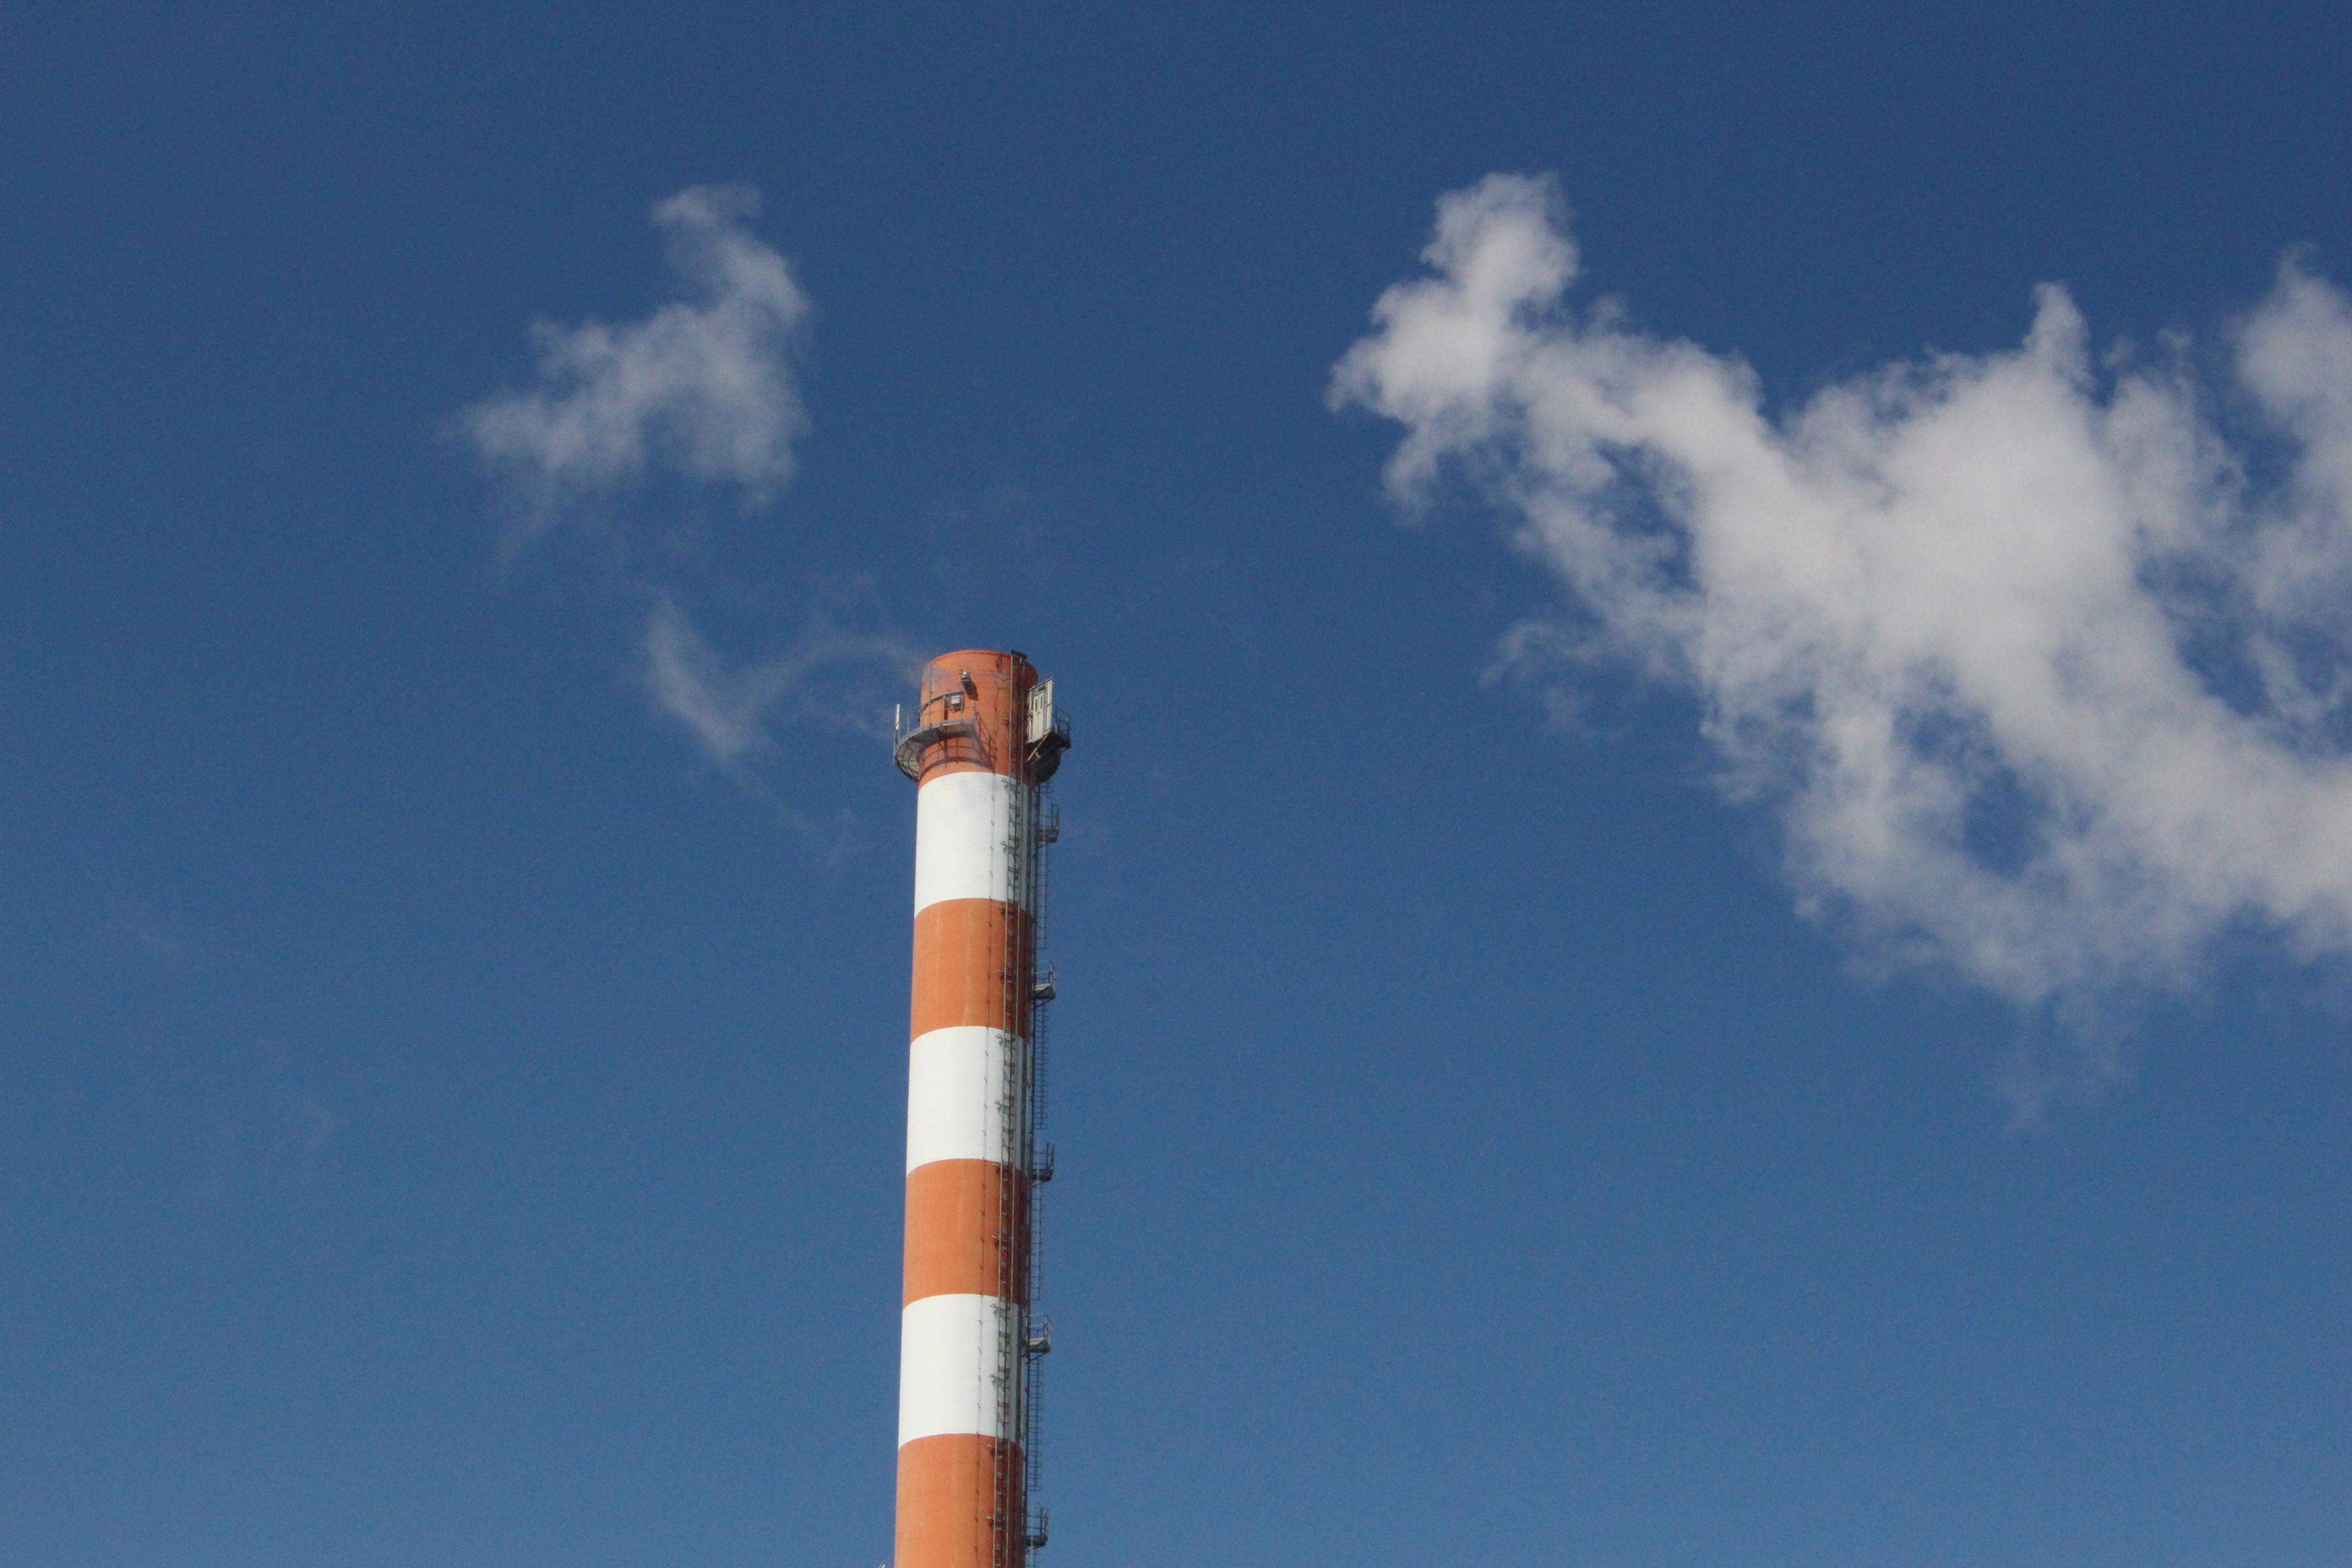 Generación a carbón fue más alta que el año pasado, pese a inicio del plan de descarbonización